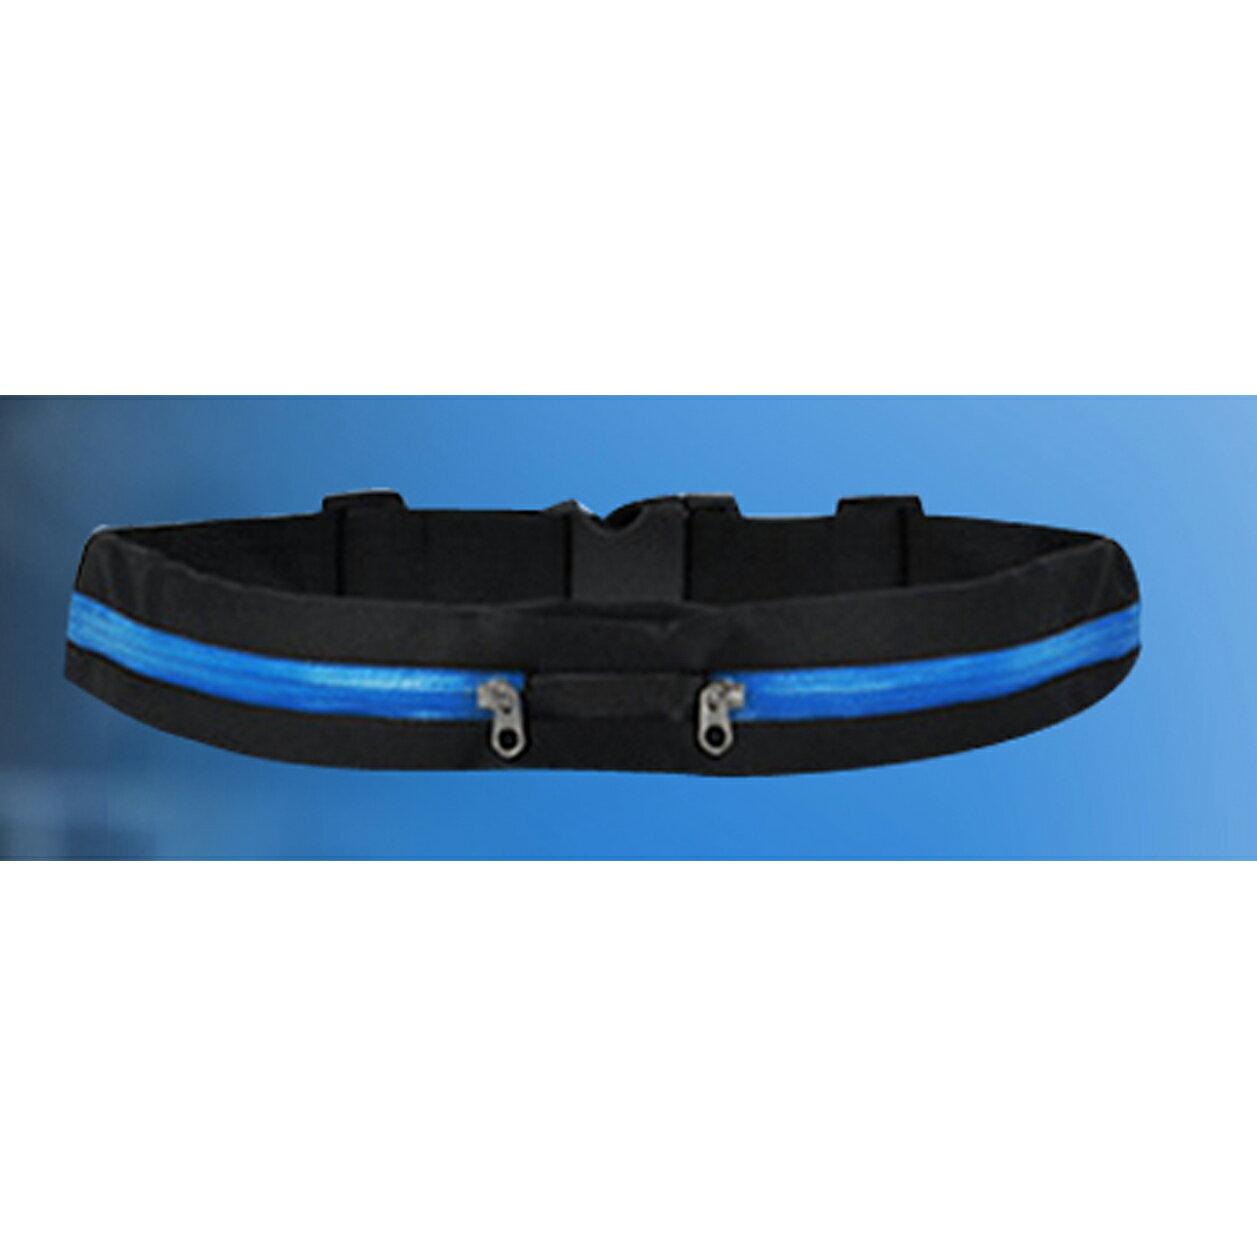 運動隱形腰袋【藍色】 輕巧 萊卡 防水潑布 多色【健走、跑步、外出】